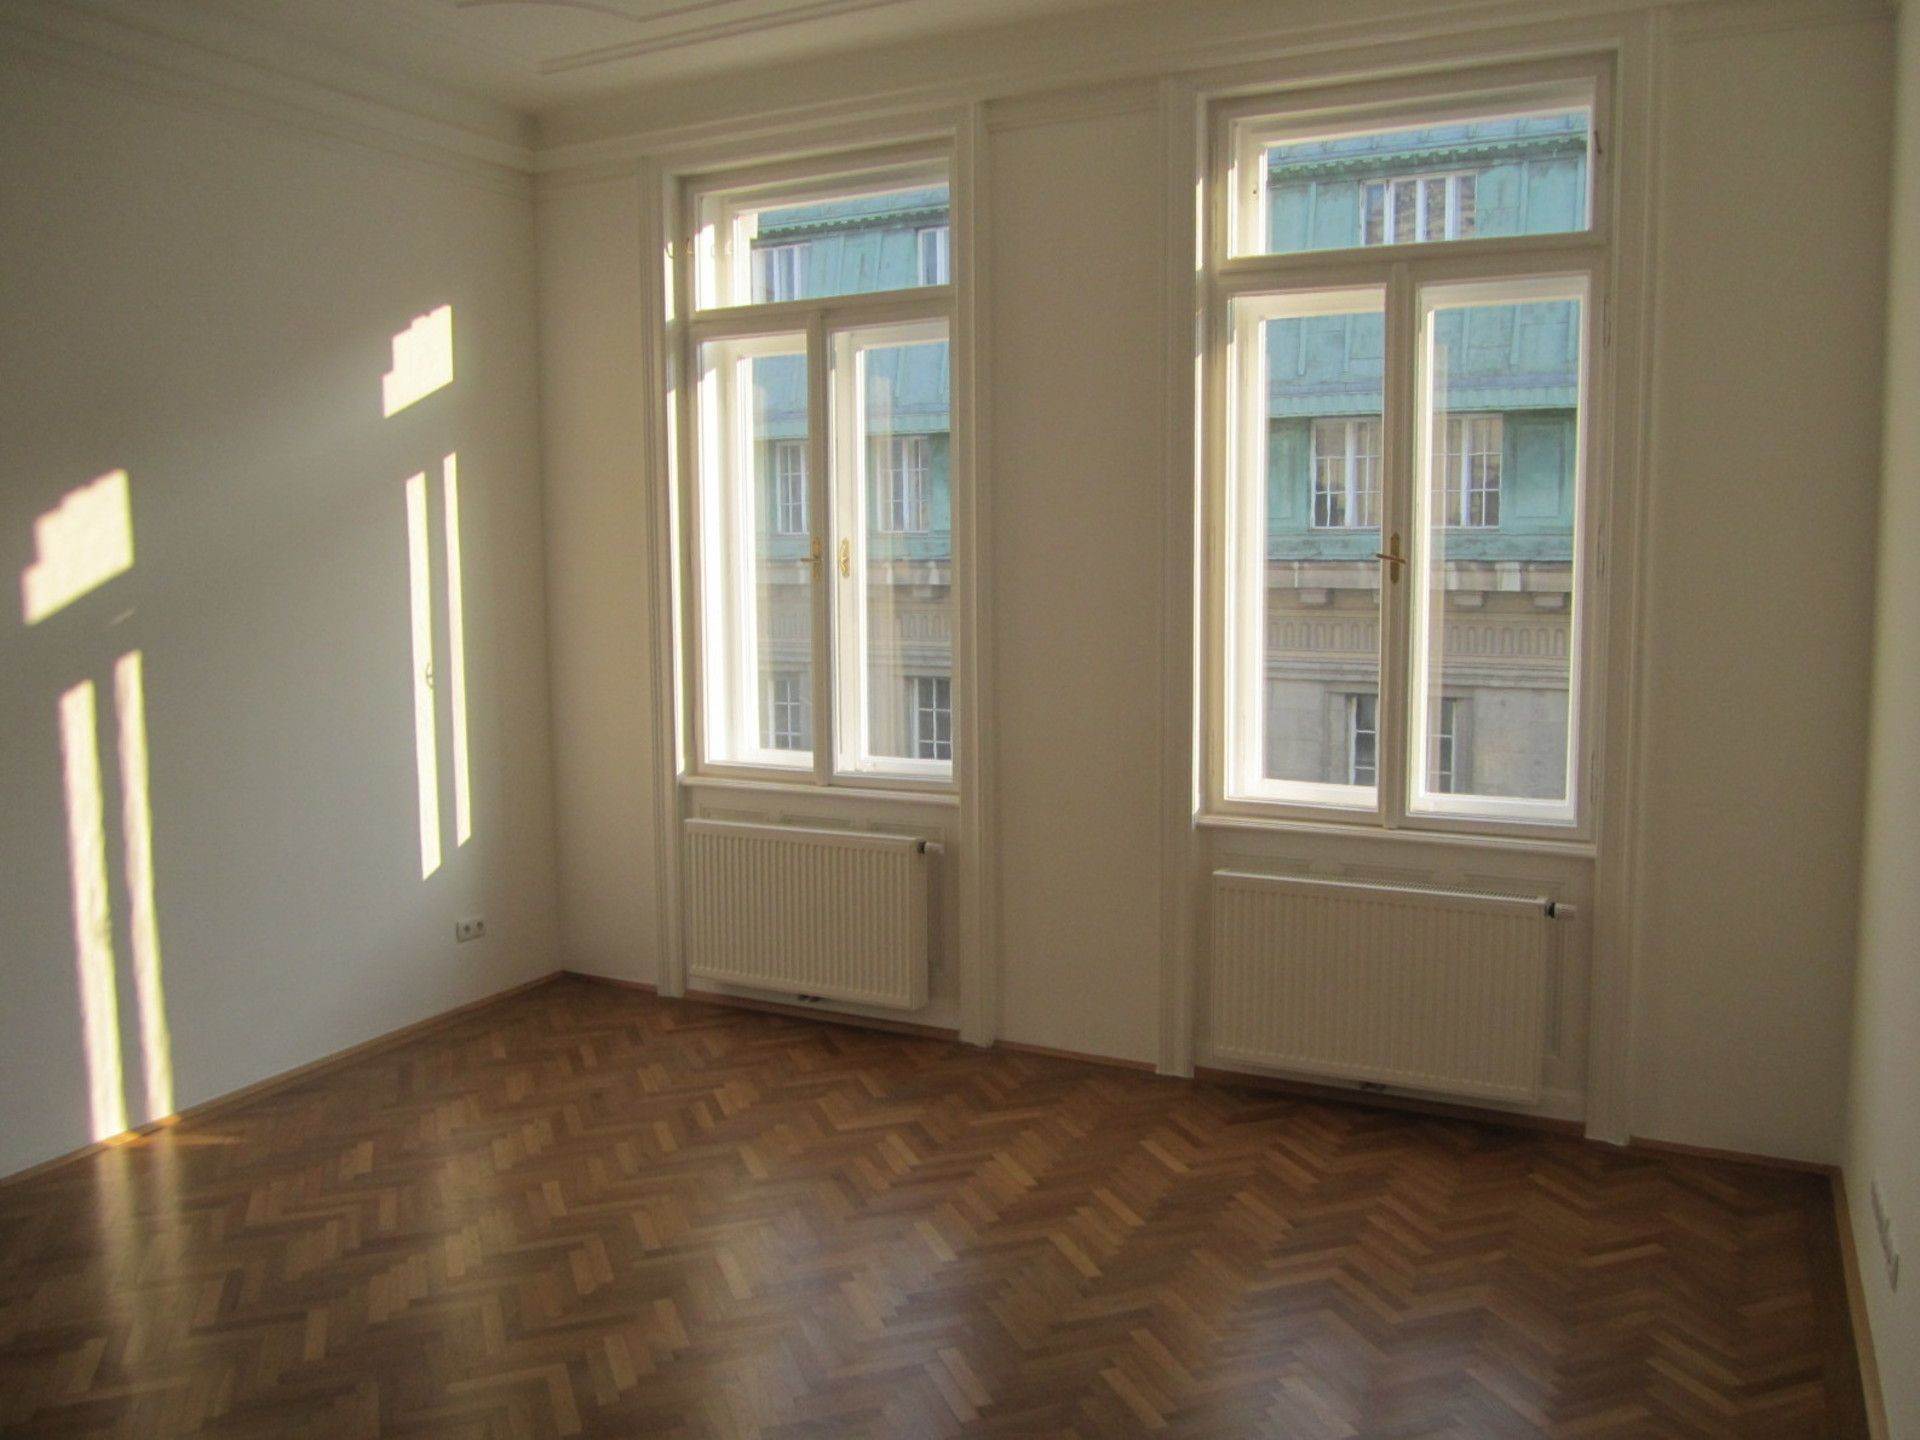 Naglergasse 10, 1010 Wien